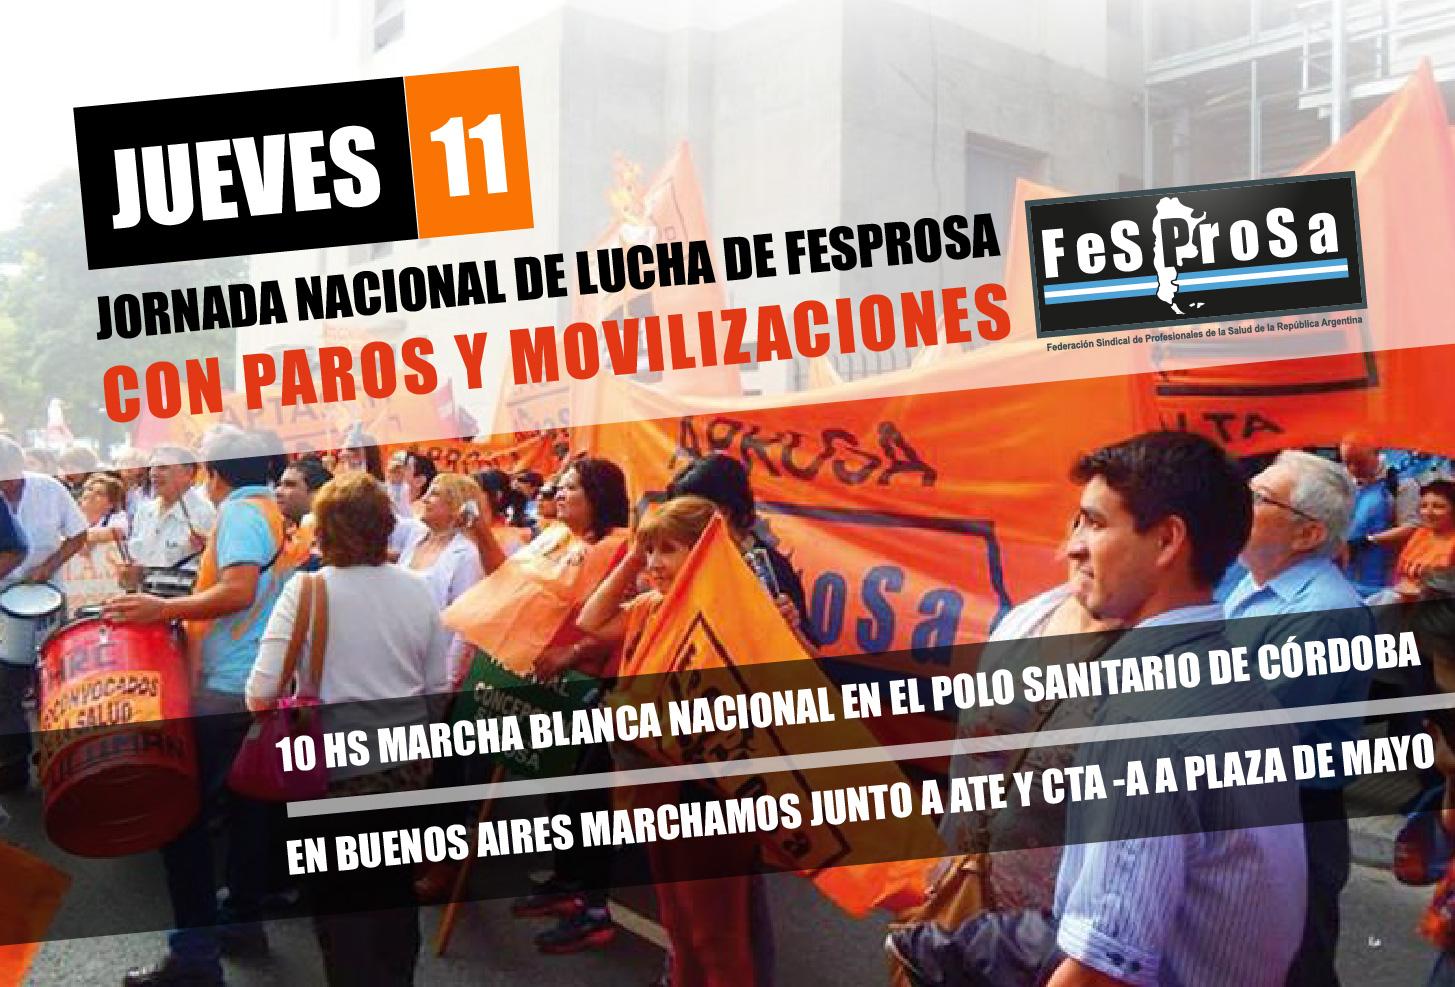 JUEVES 11-JORNADA NACIONAL DE LUCHA DE FESPROSA CON PAROS Y MOVILIZACIONES